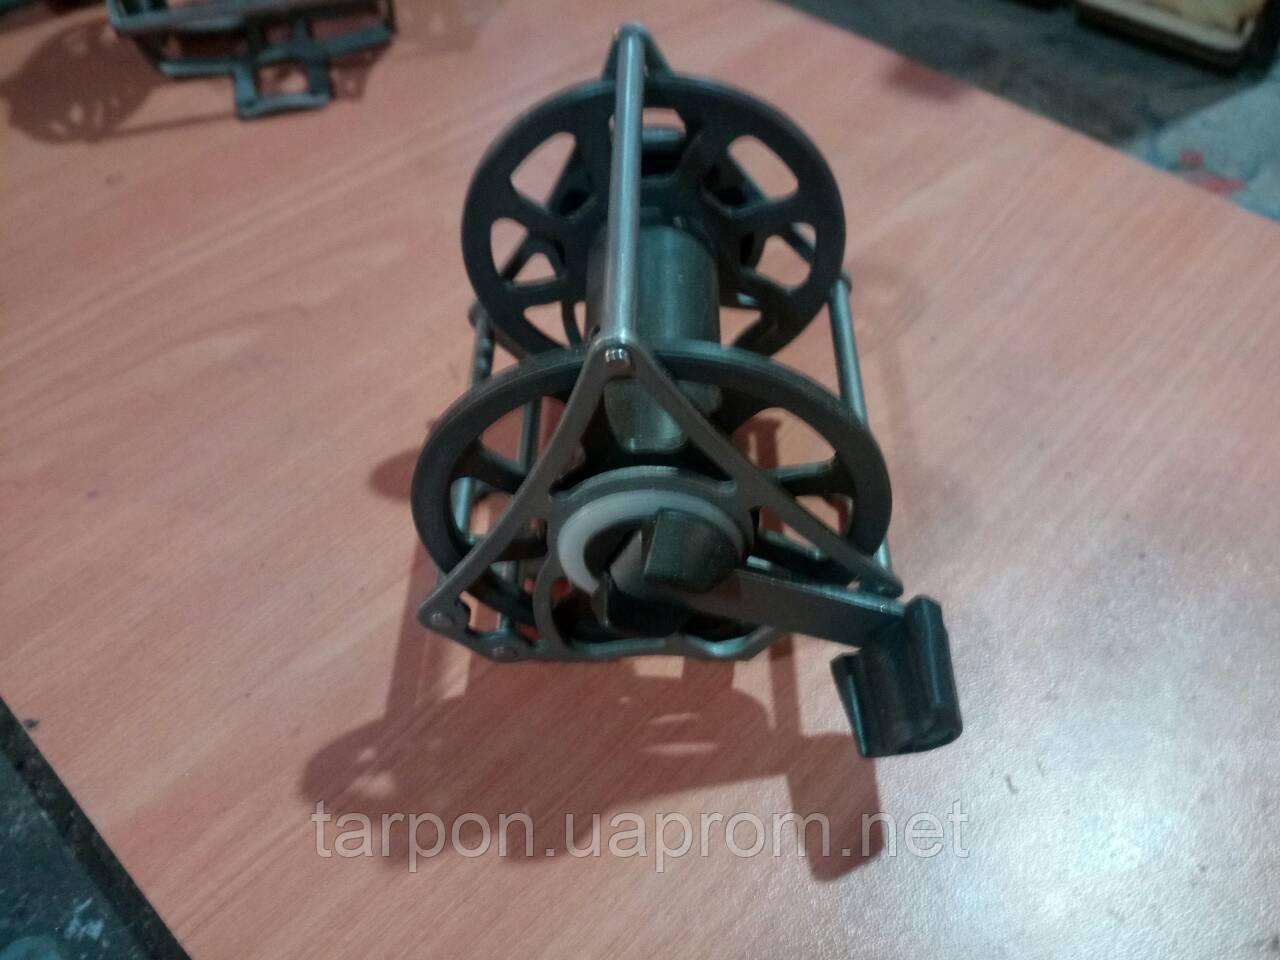 Катушка для подводной охоты анодированная Фалеева